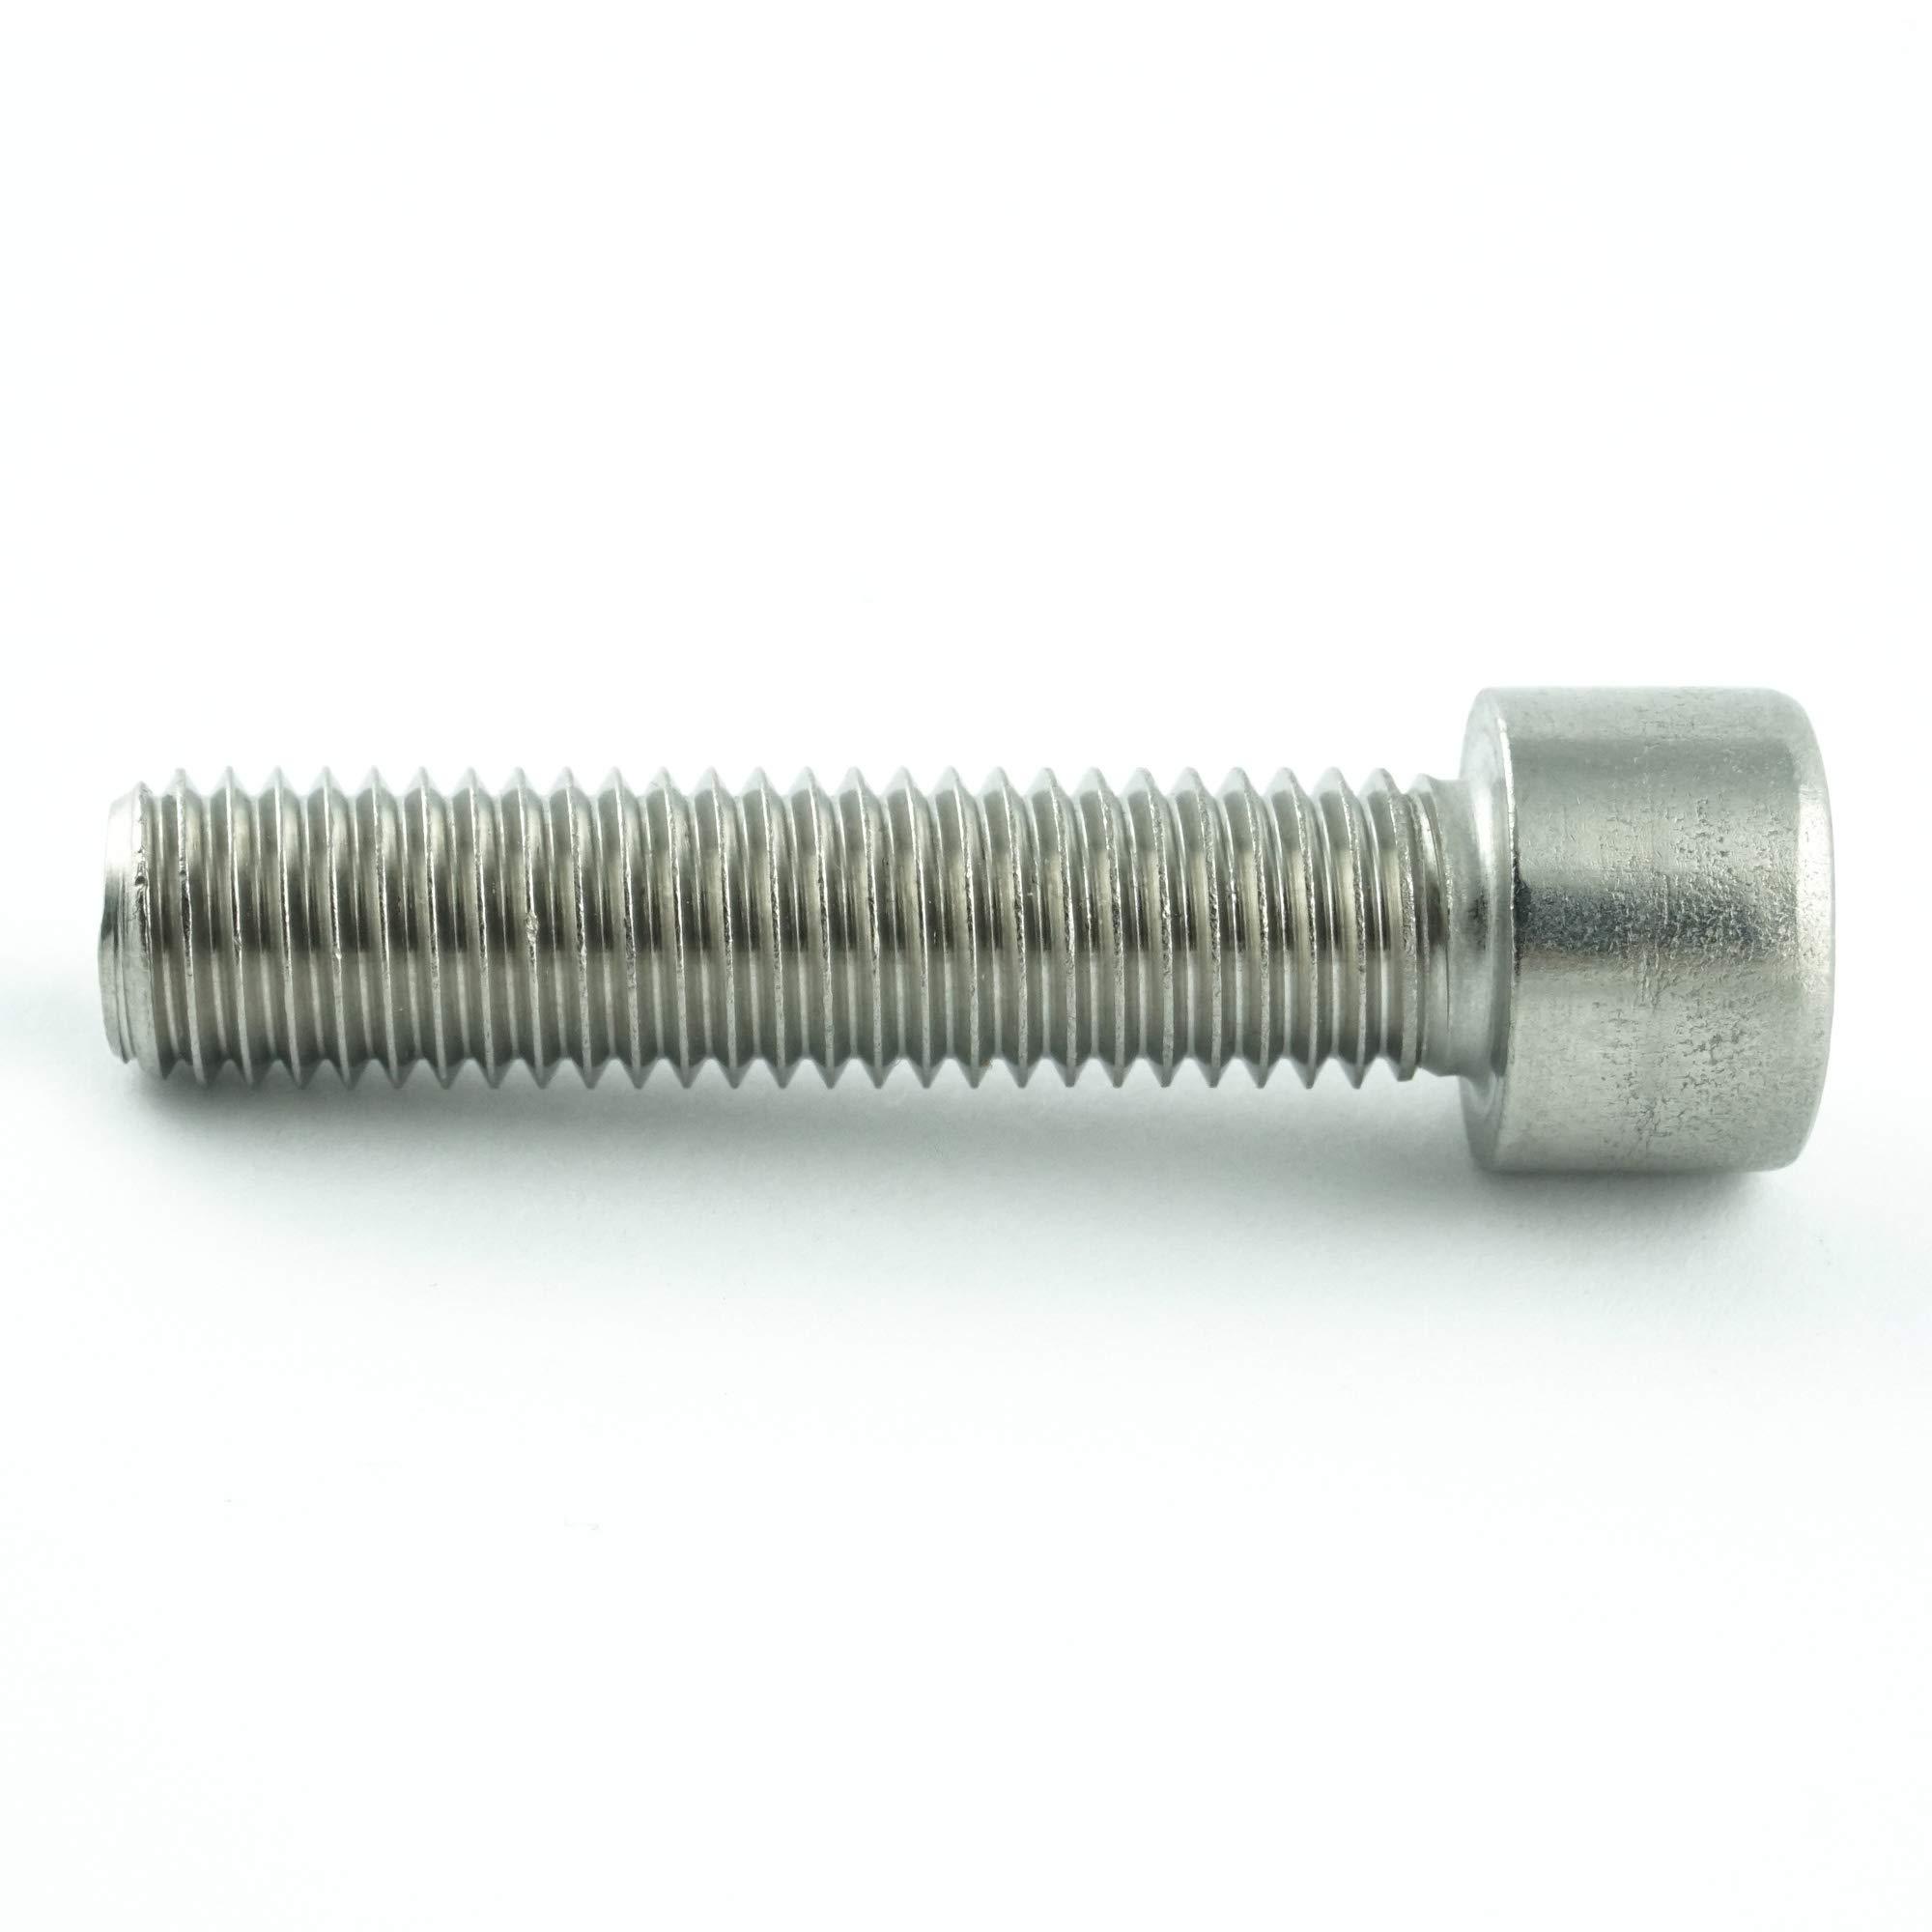 20 St/ück Zylinderschrauben mit Innensechskant M1,6 x 12 mm Gewindeschrauben DIN 912 Edelstahl A2 V2A- rostfrei - Zylinderkopf Schrauben ISO 4762 Eisenwaren2000